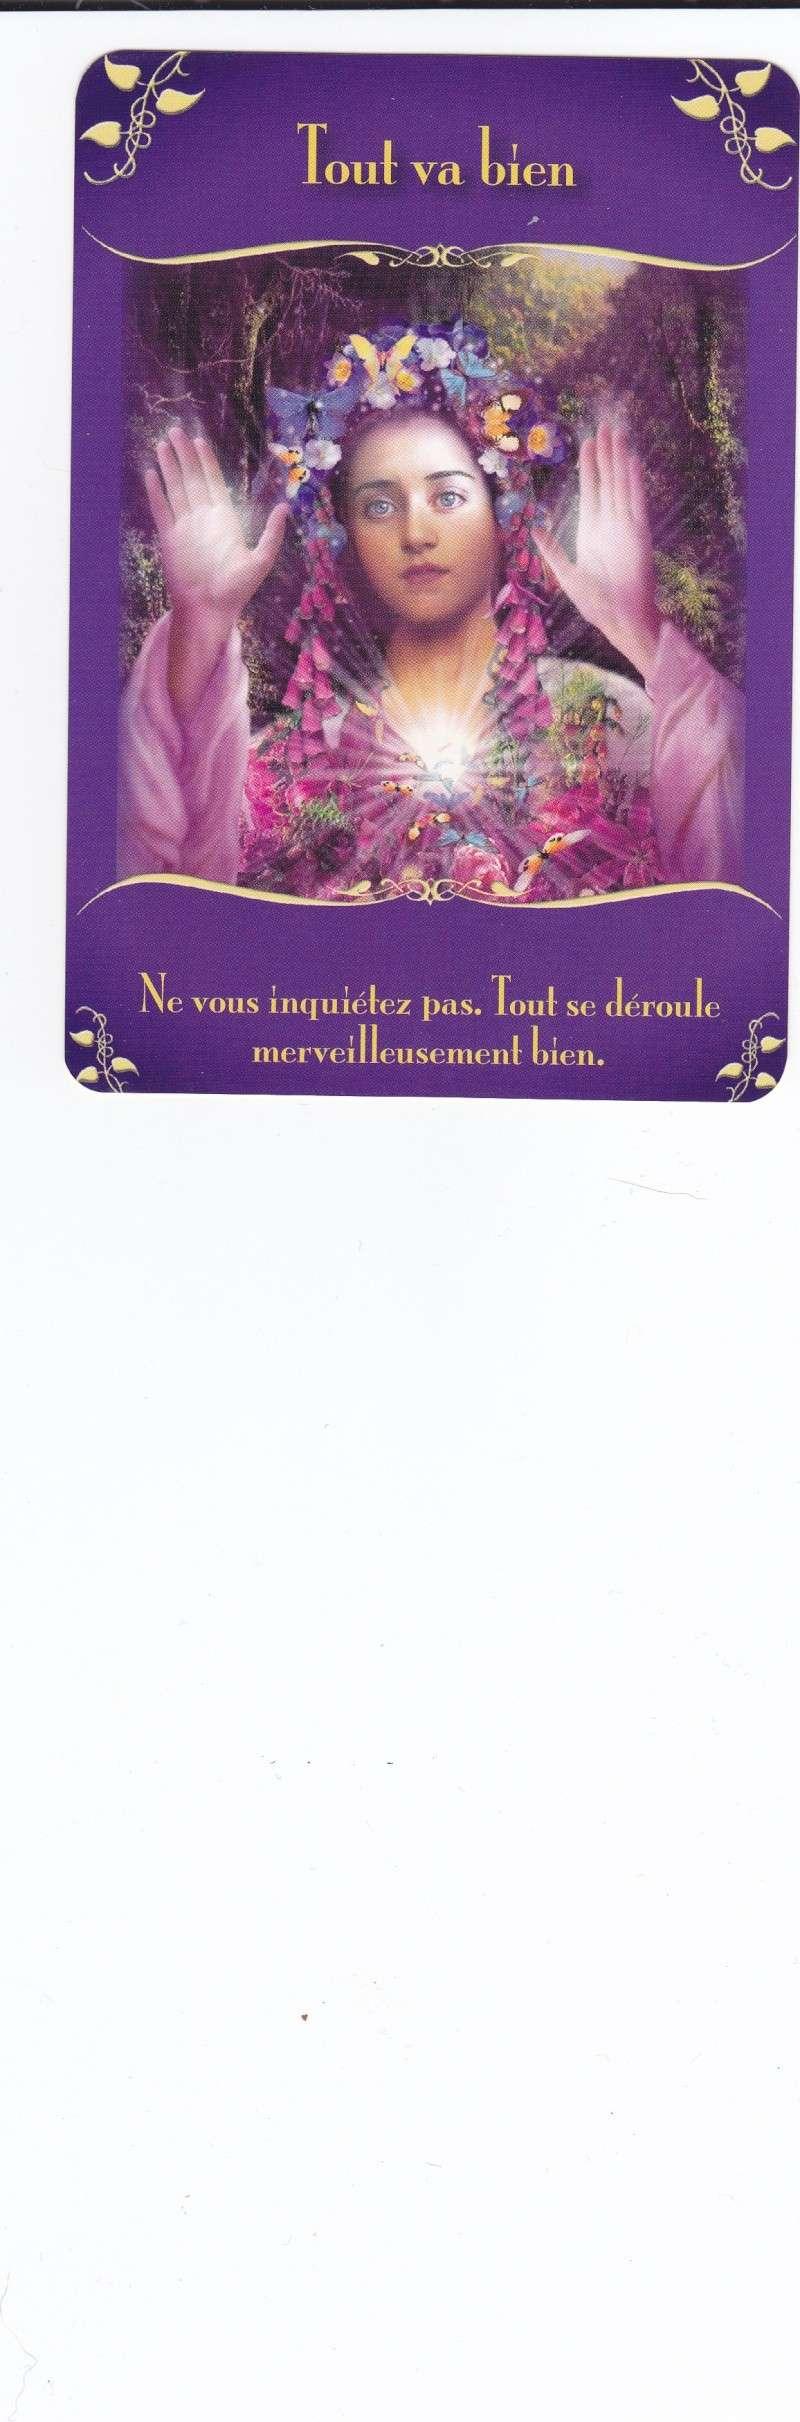 MESSAGES DES TAROTS DE JUILLET - Page 5 Img44